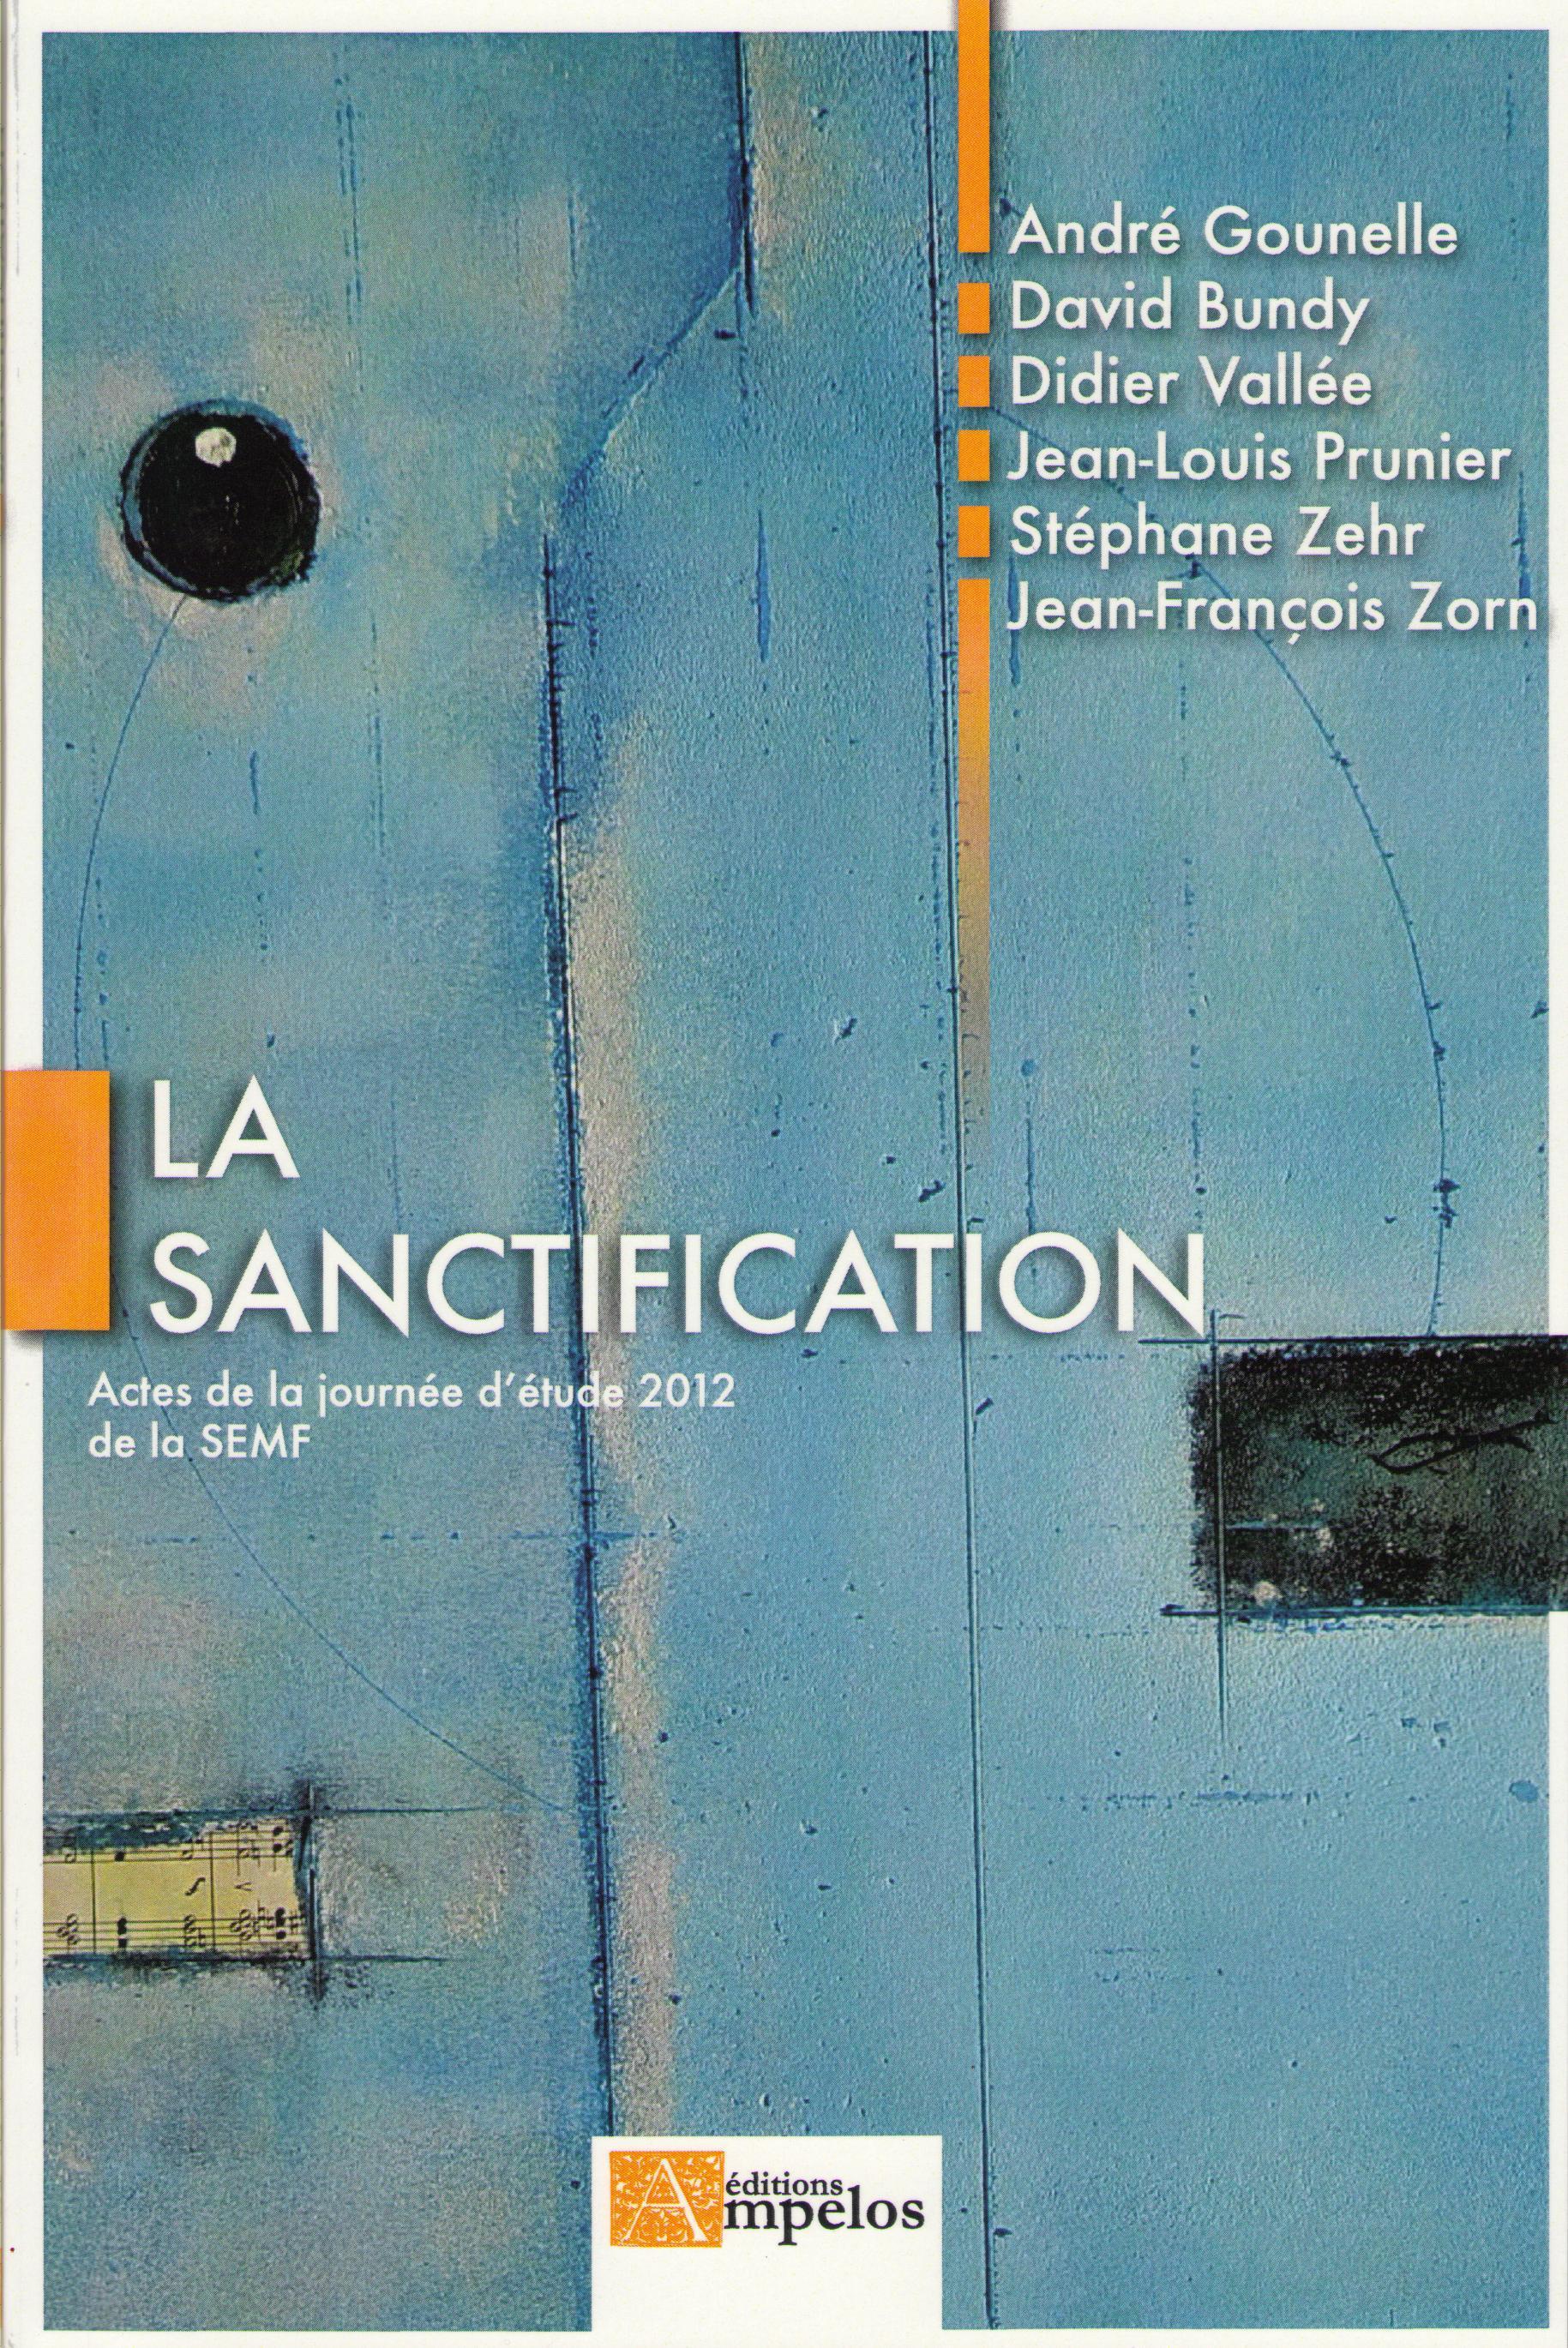 LA SANCTIFICATION ACTES DE LA JOURNEE D'ETUDE 2012 DE LA SEMF